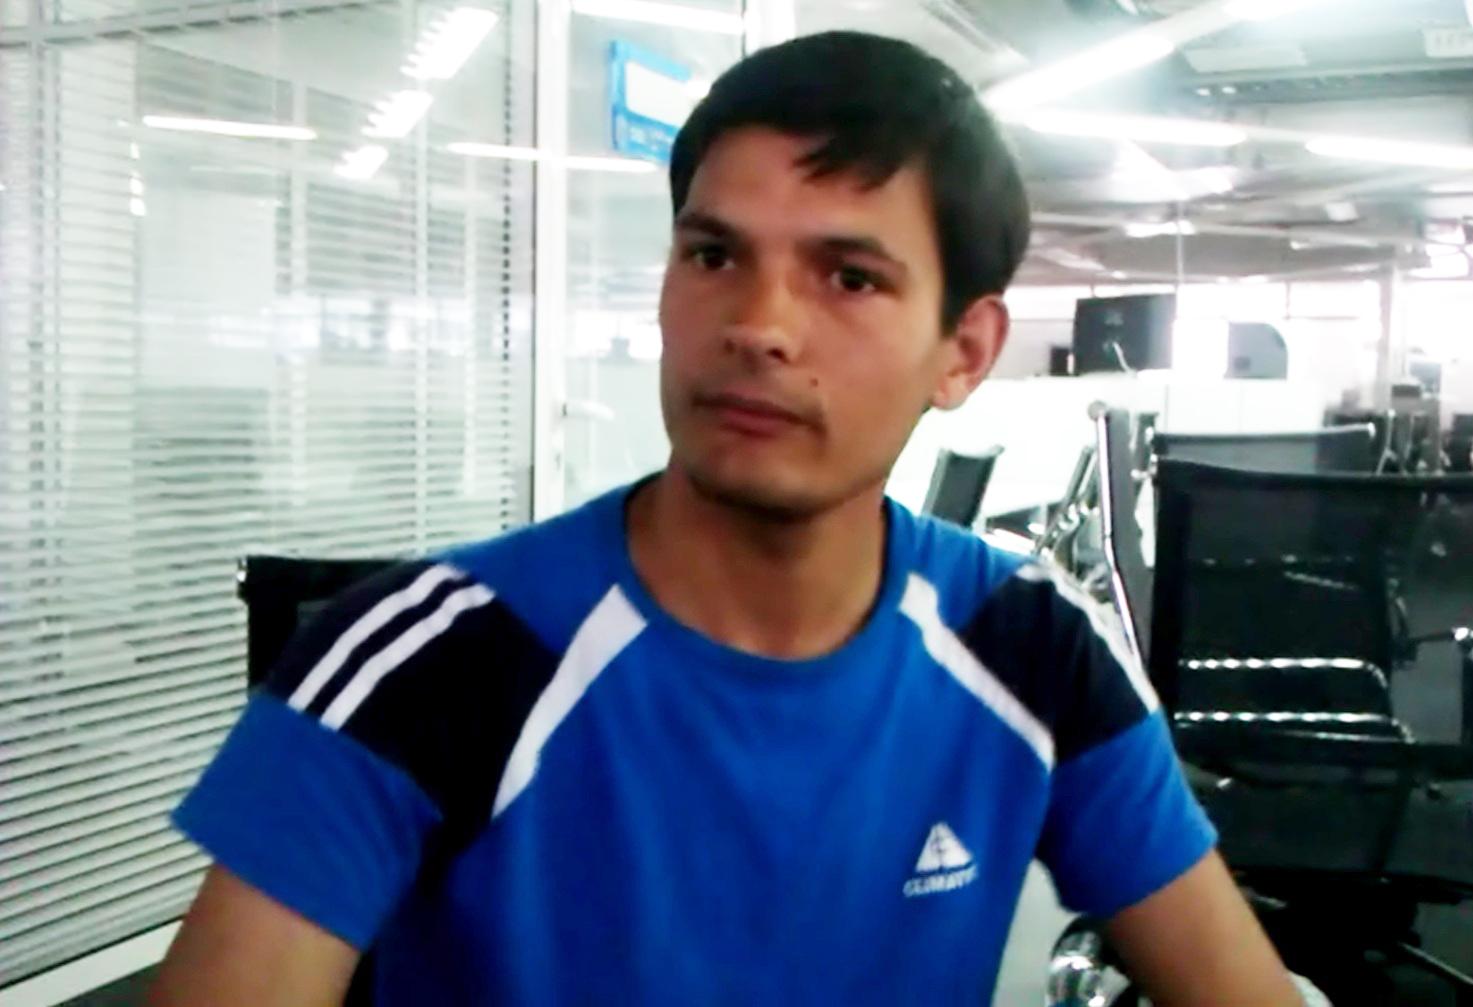 Tanaruld e 28 de ani sustine ca a fost violat la casa de copii